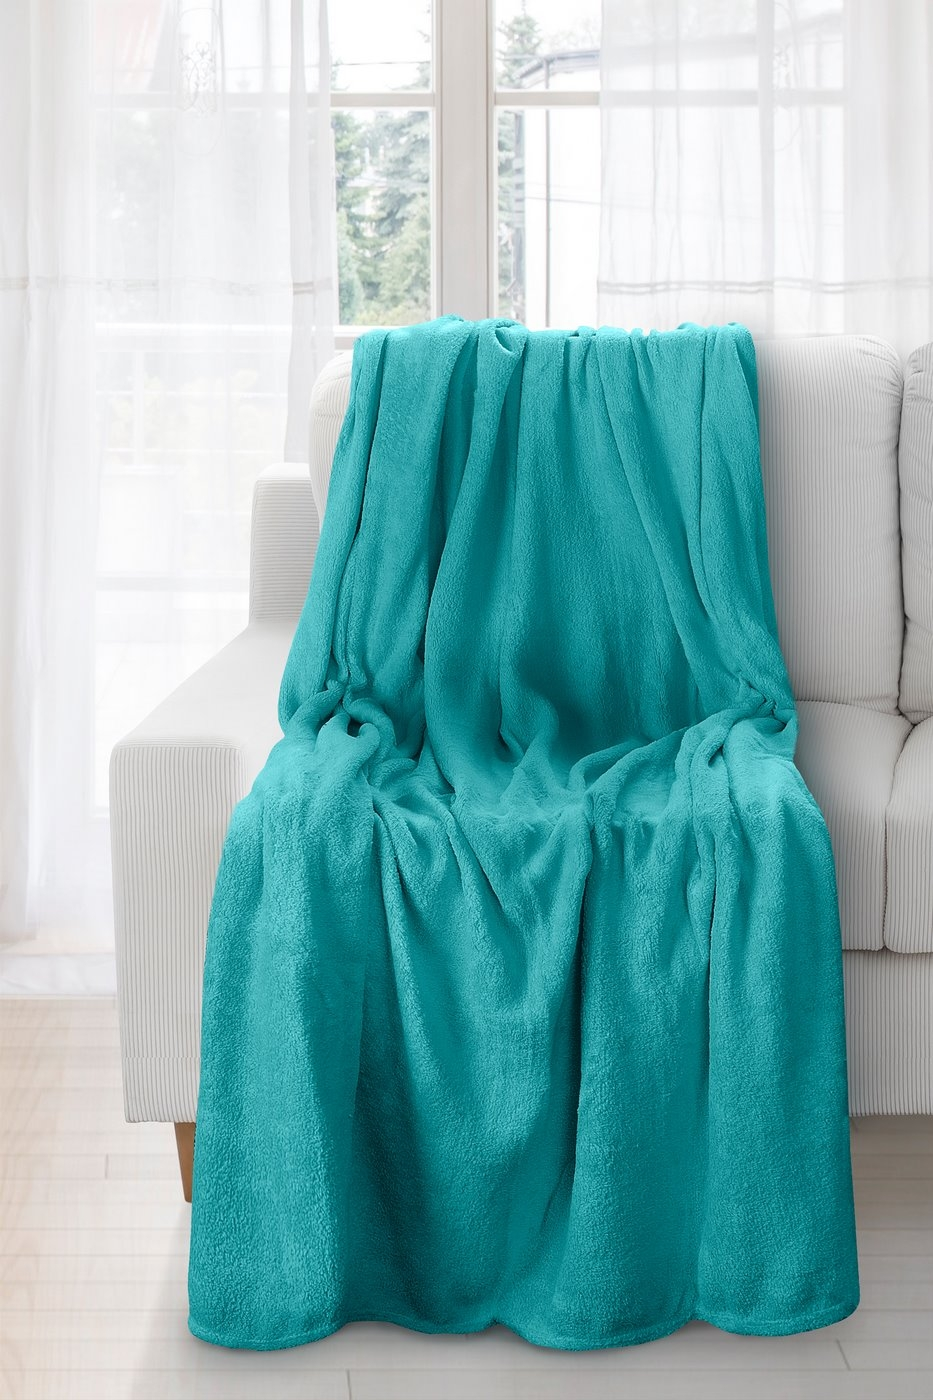 Patura Olivia Turquoise 150 x 200 cm